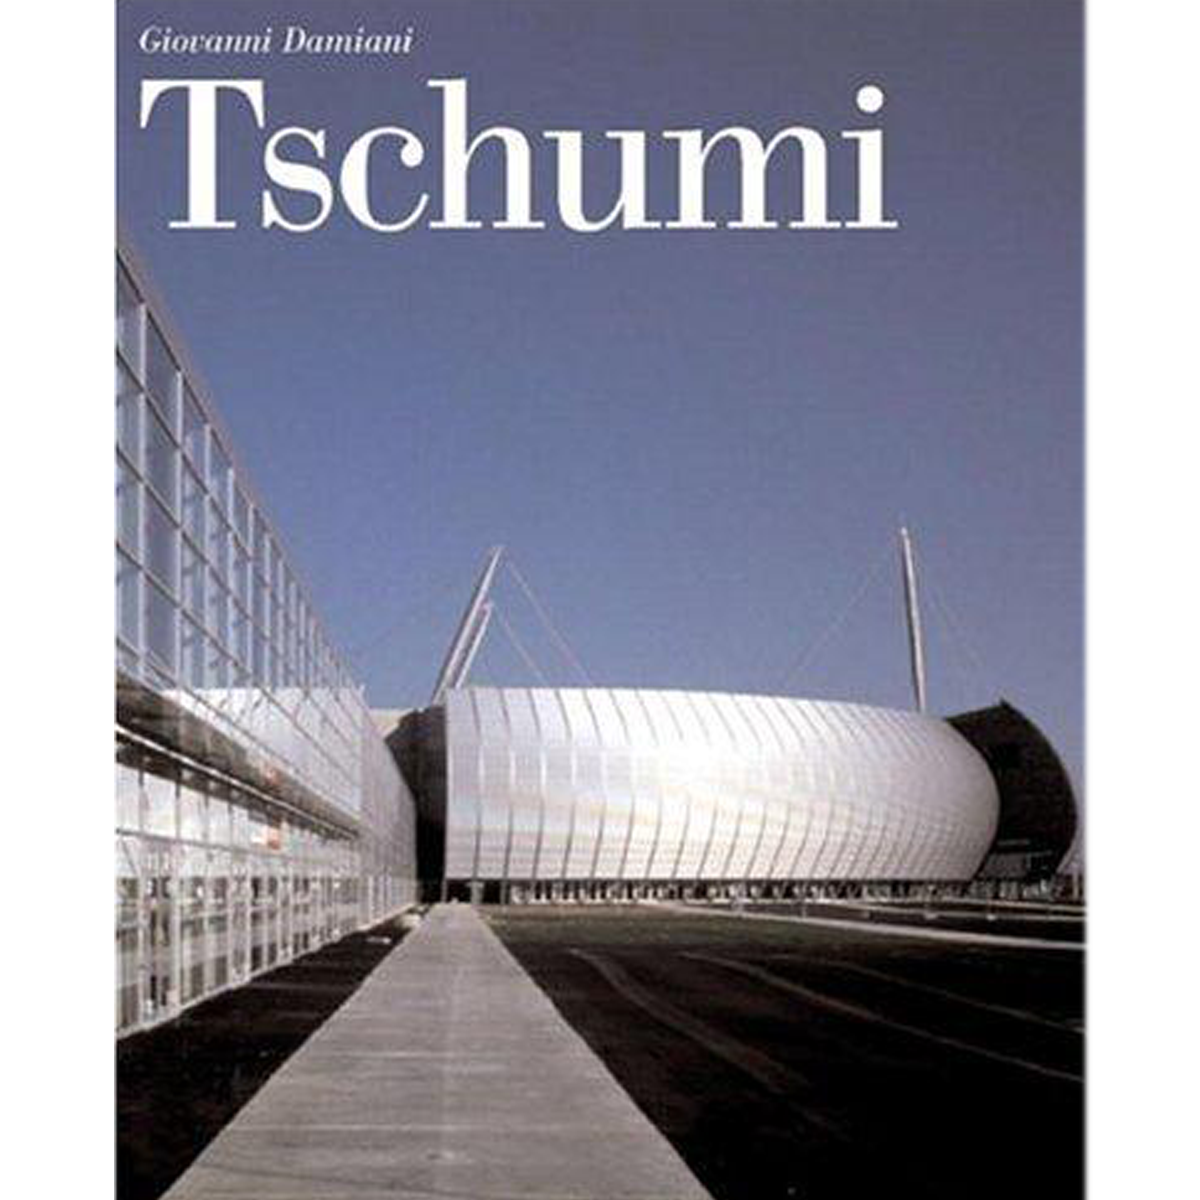 Tschumi